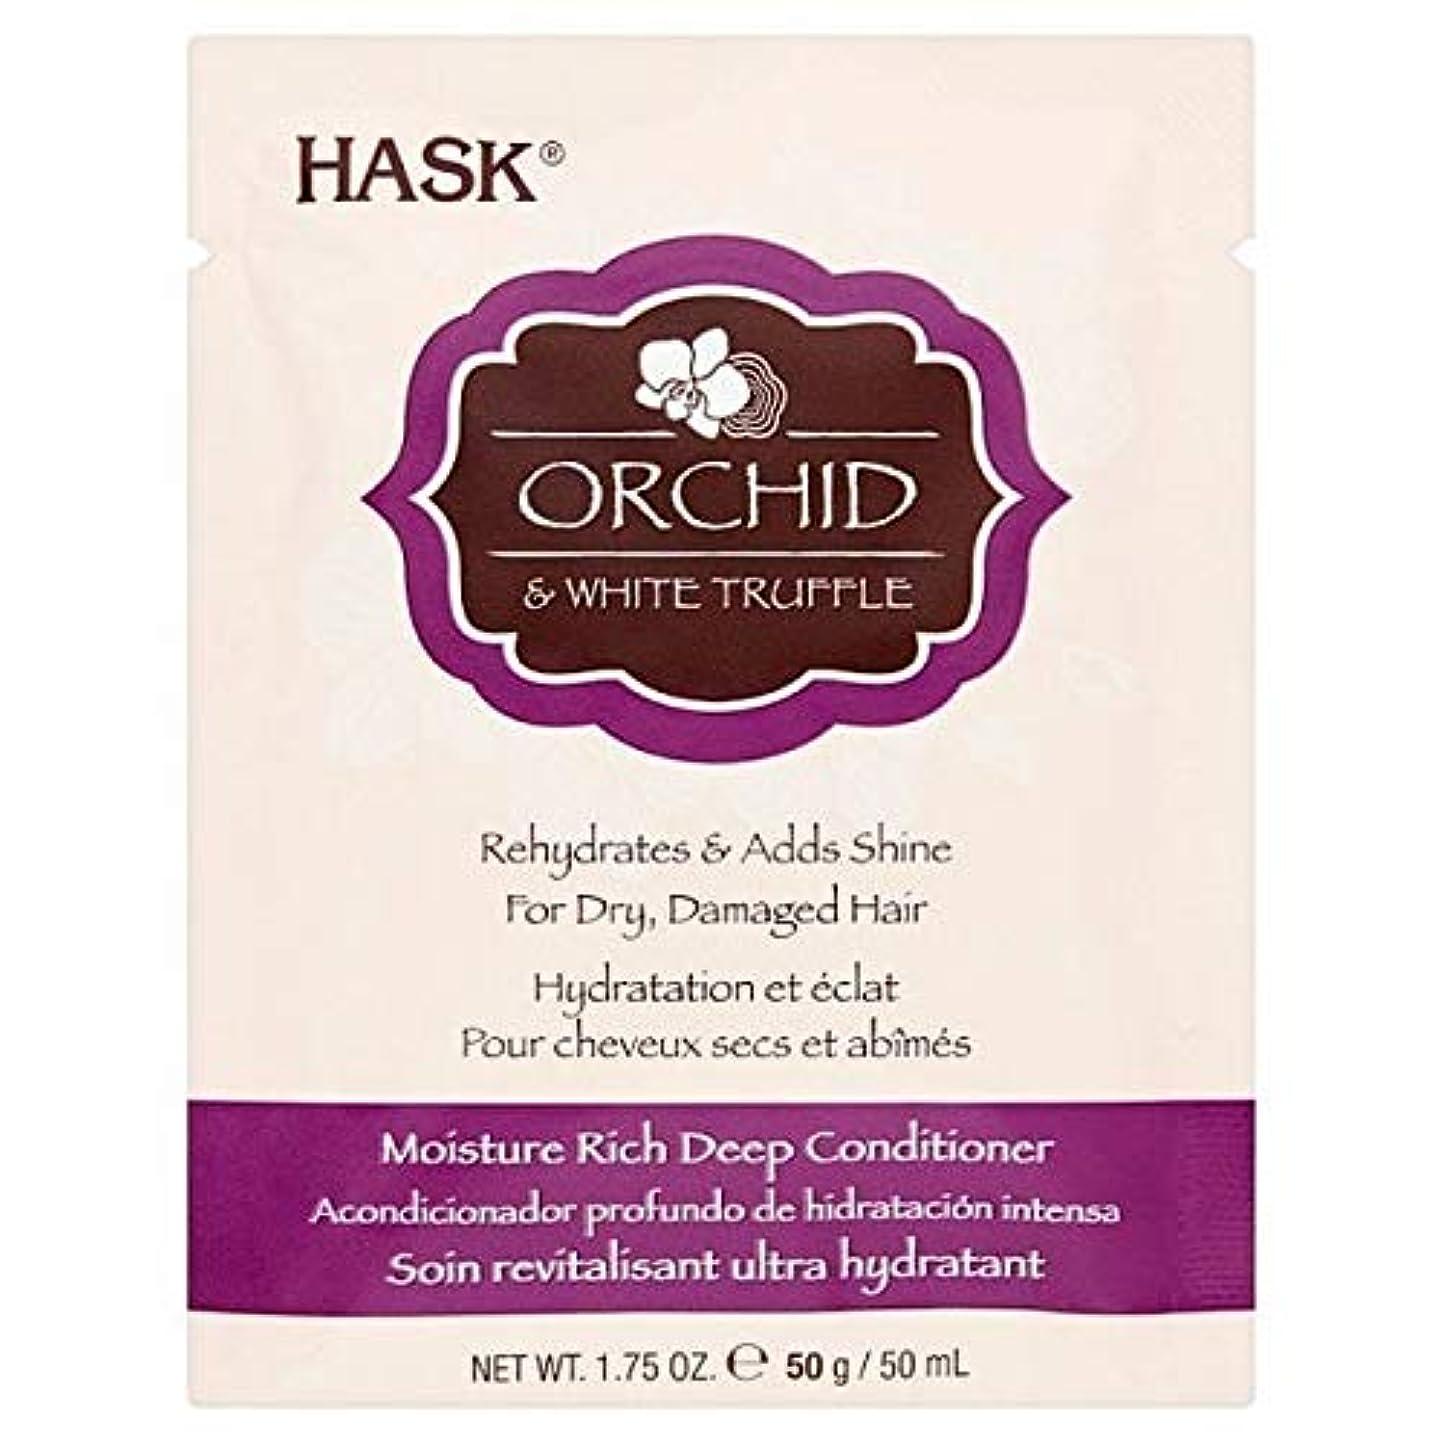 オフラフ睡眠通り抜ける[Hask] Hask蘭&白トリュフ深いコンディショニングサシェ50グラム - HASK Orchid & White Truffle Deep Conditioning Sachet 50g [並行輸入品]